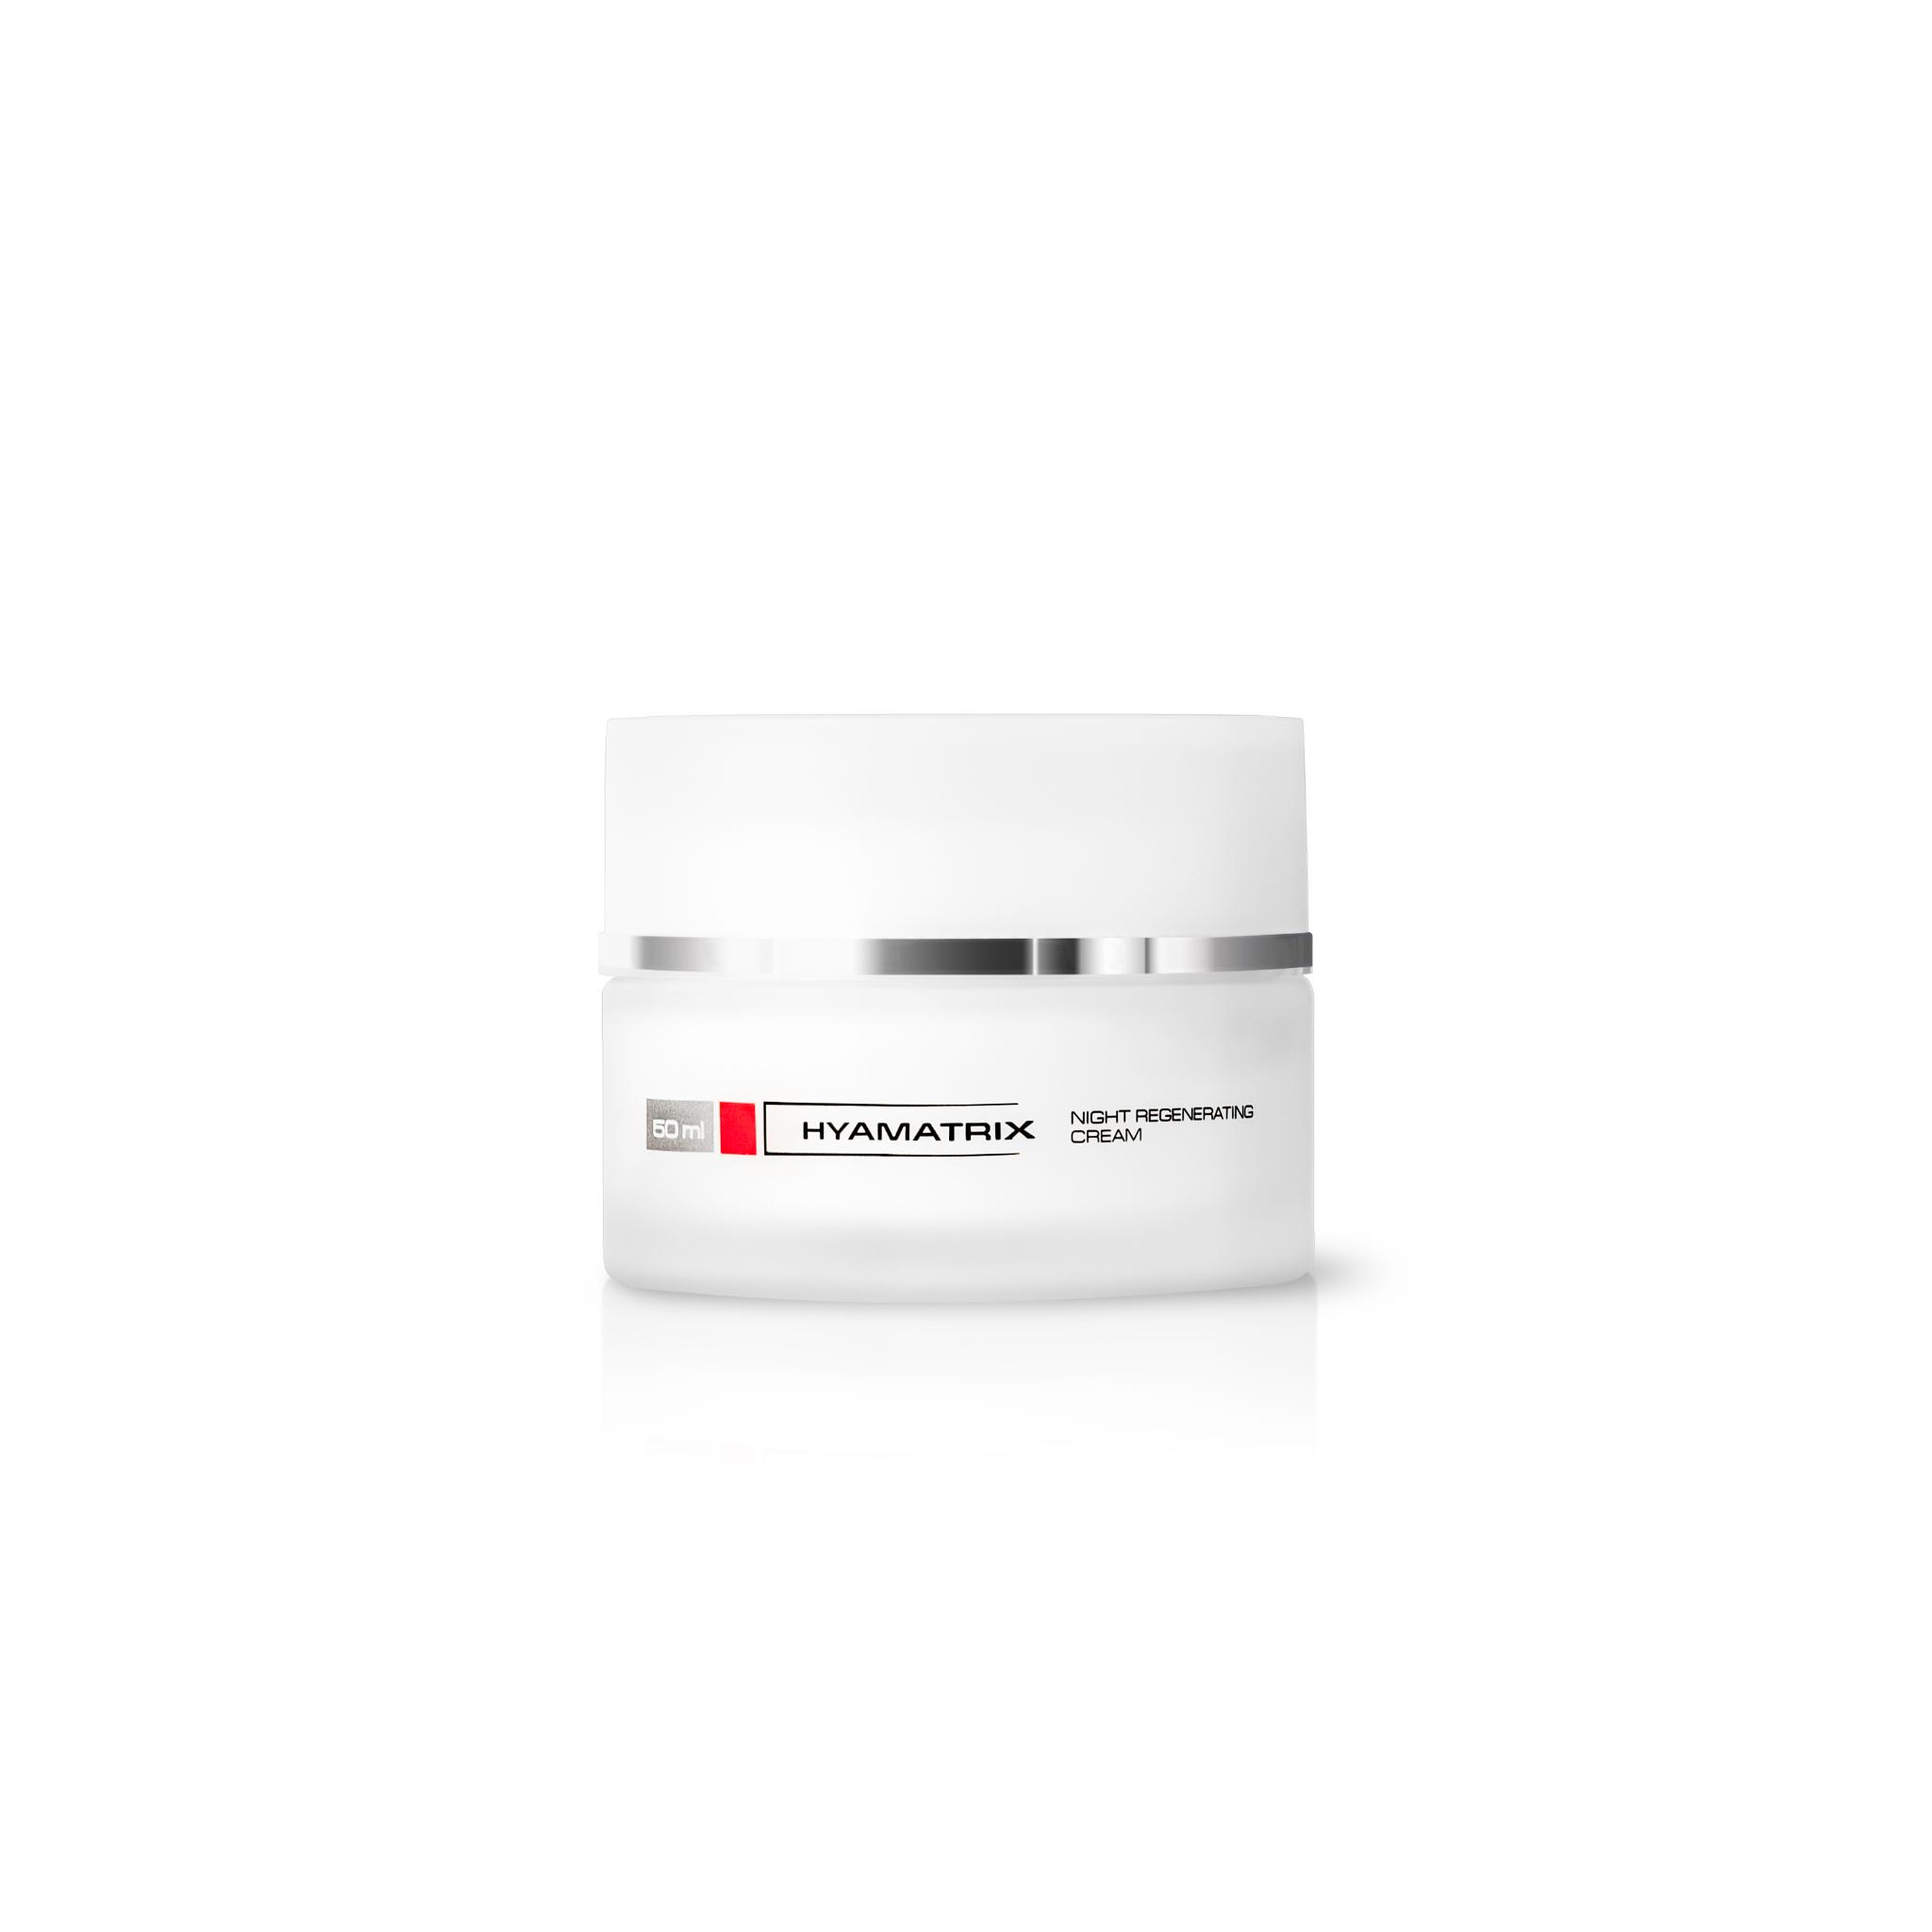 Regenerating night cream